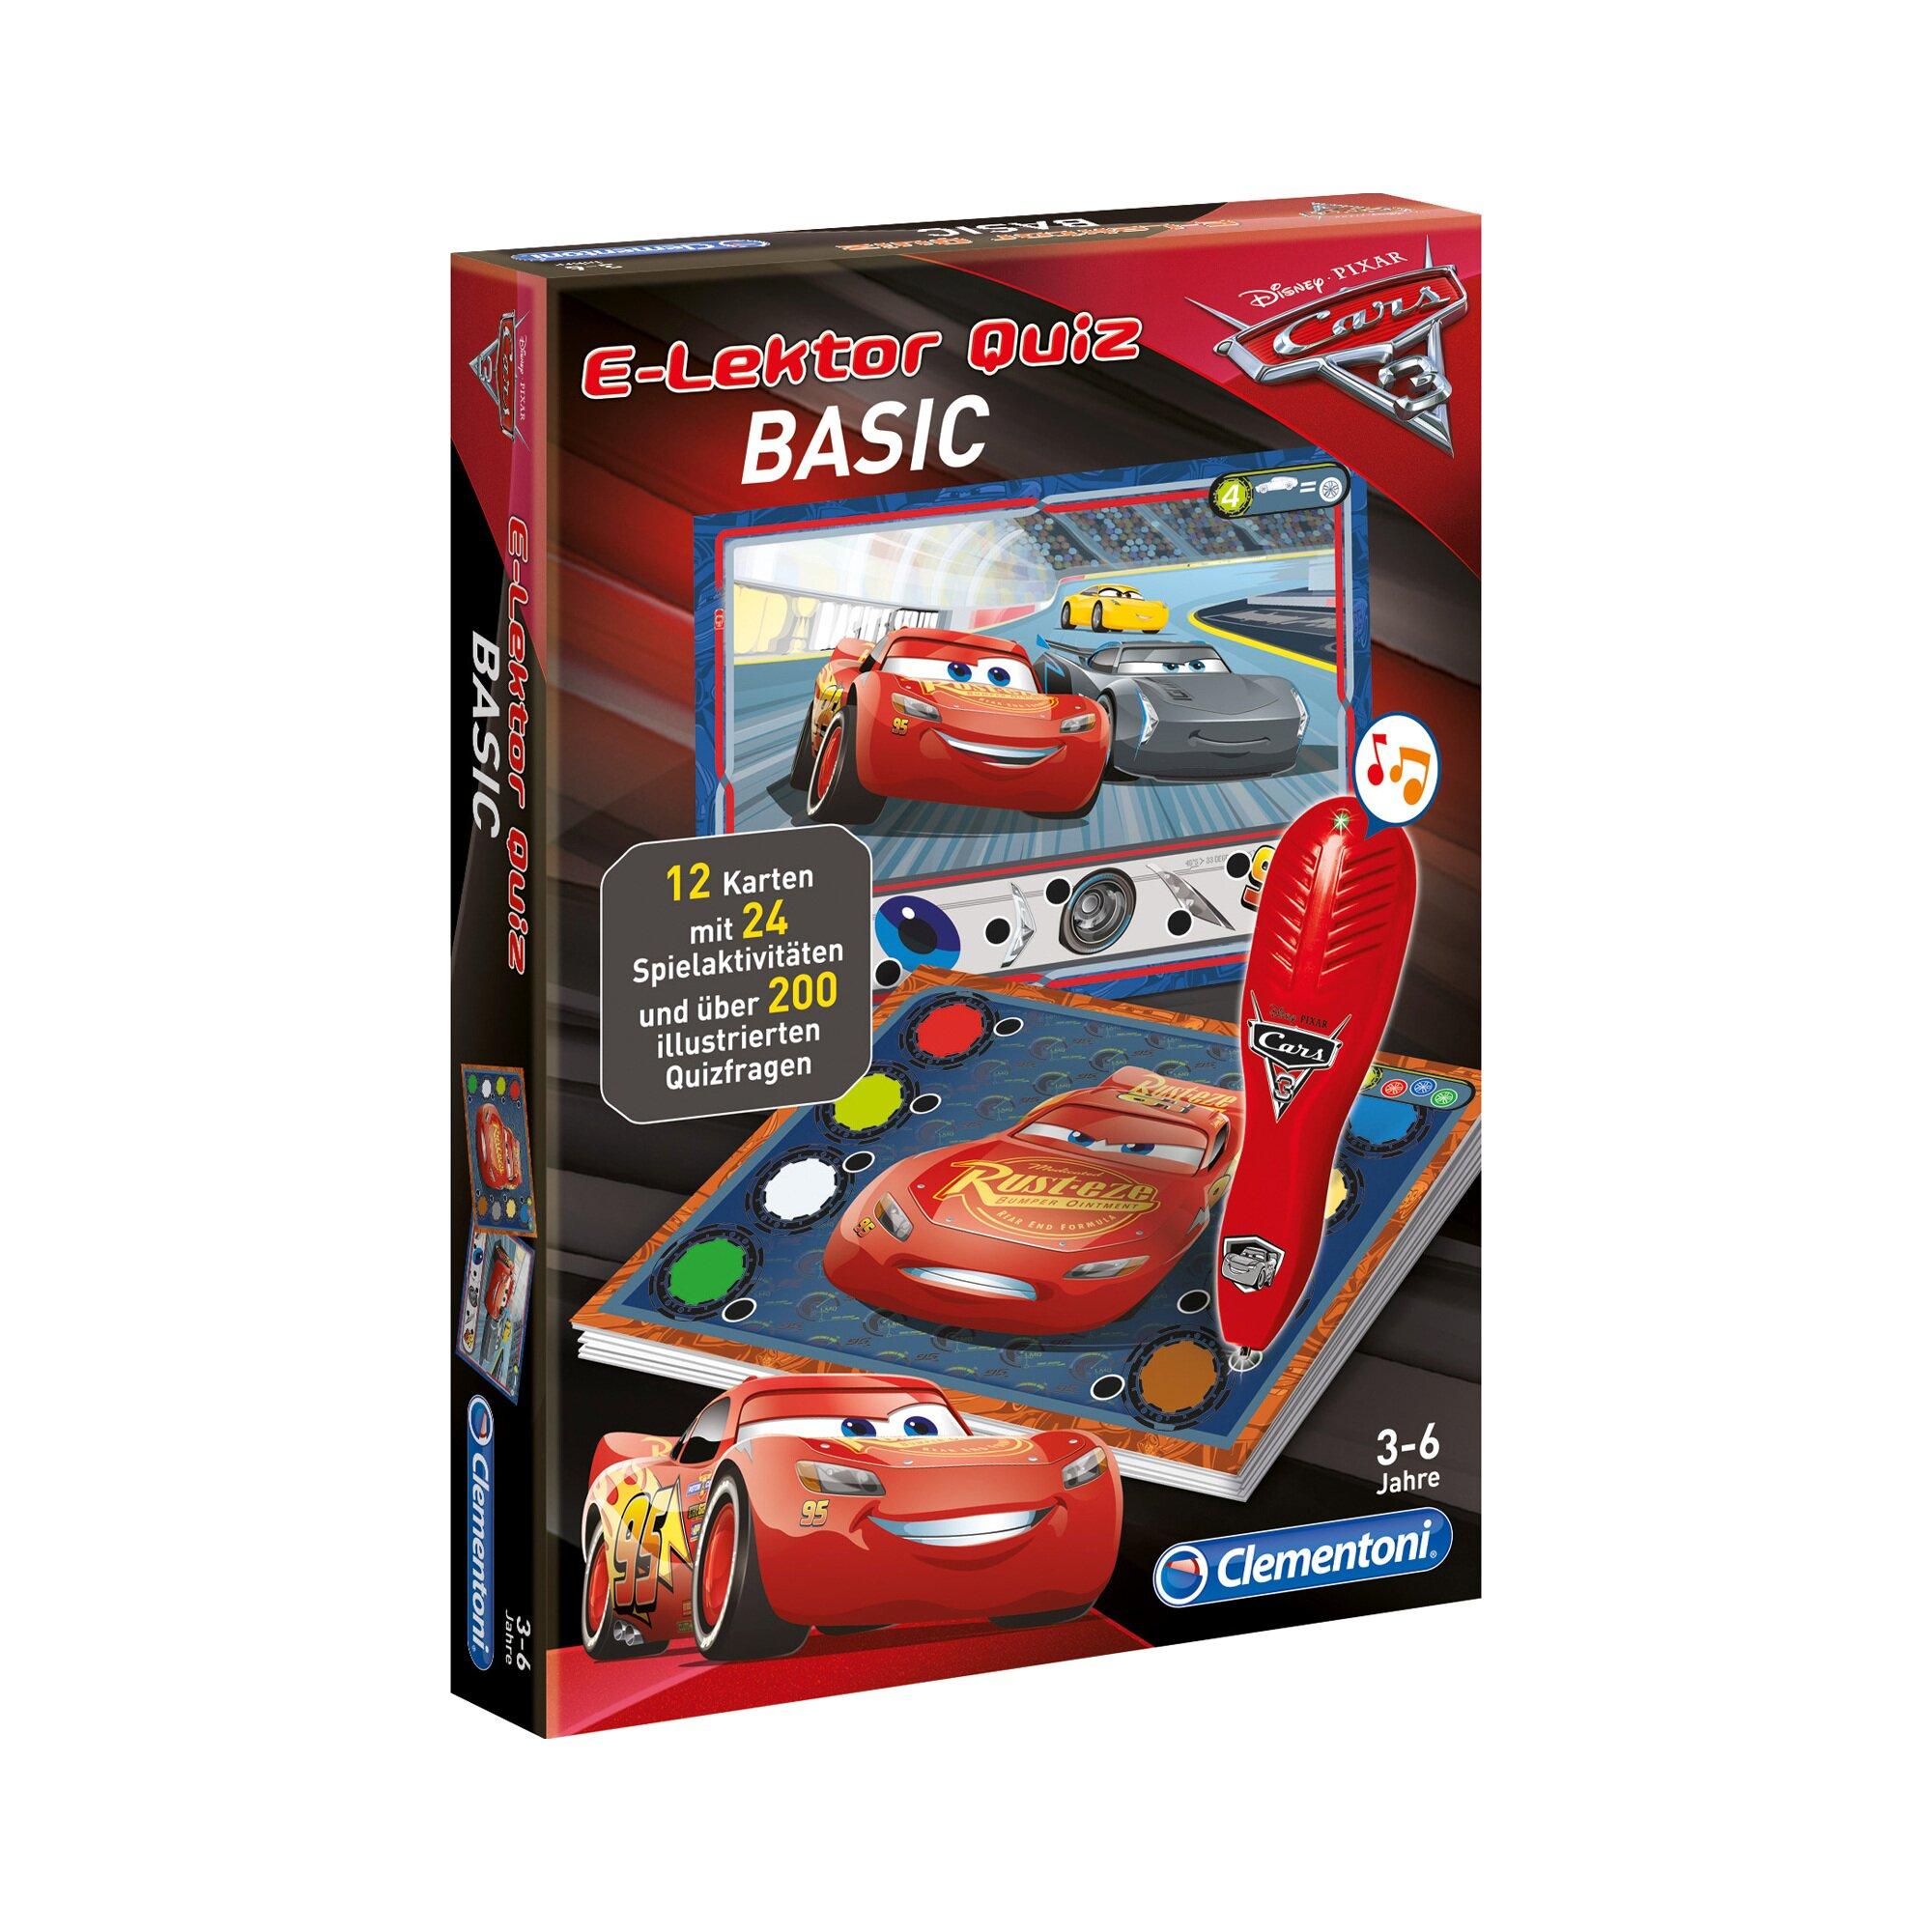 disney-cars-3-lernspiel-e-lektor-quiz-basic